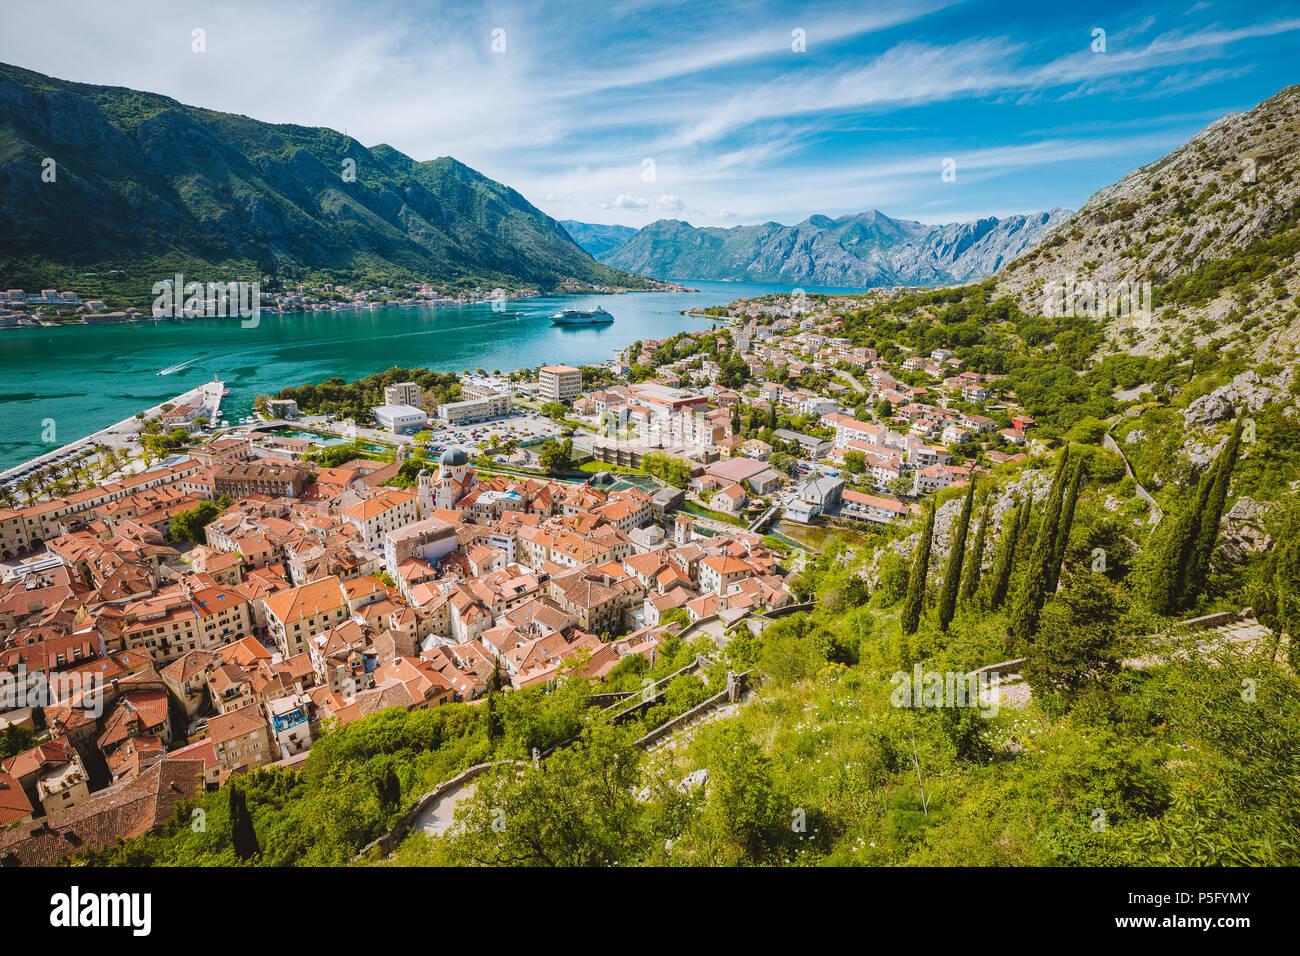 Superbe vue panoramique sur la ville historique de Kotor avec célèbre baie de Kotor sur une belle journée ensoleillée avec ciel bleu et nuages, le Monténégro, Balkans Photo Stock